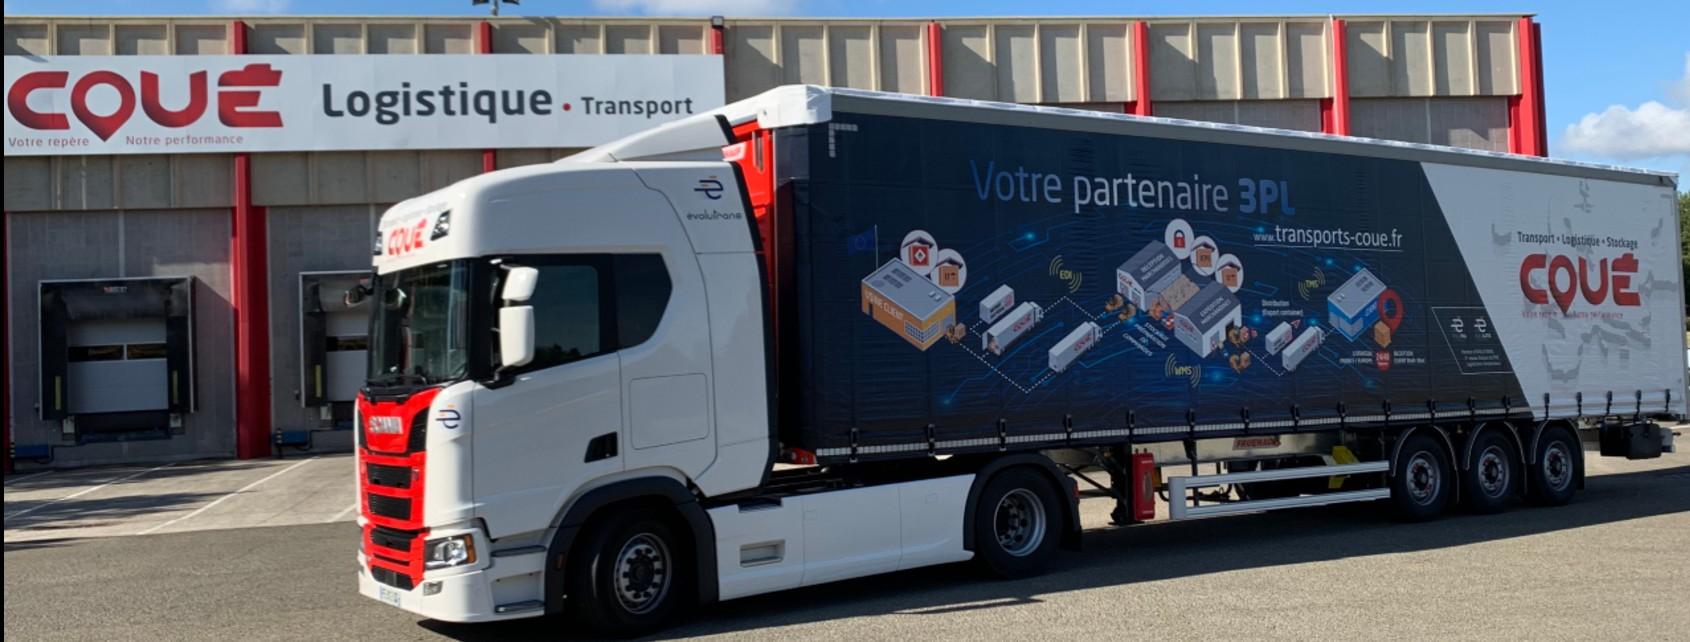 Savoir Faire Logistique en image sur les Semis Transports Coué